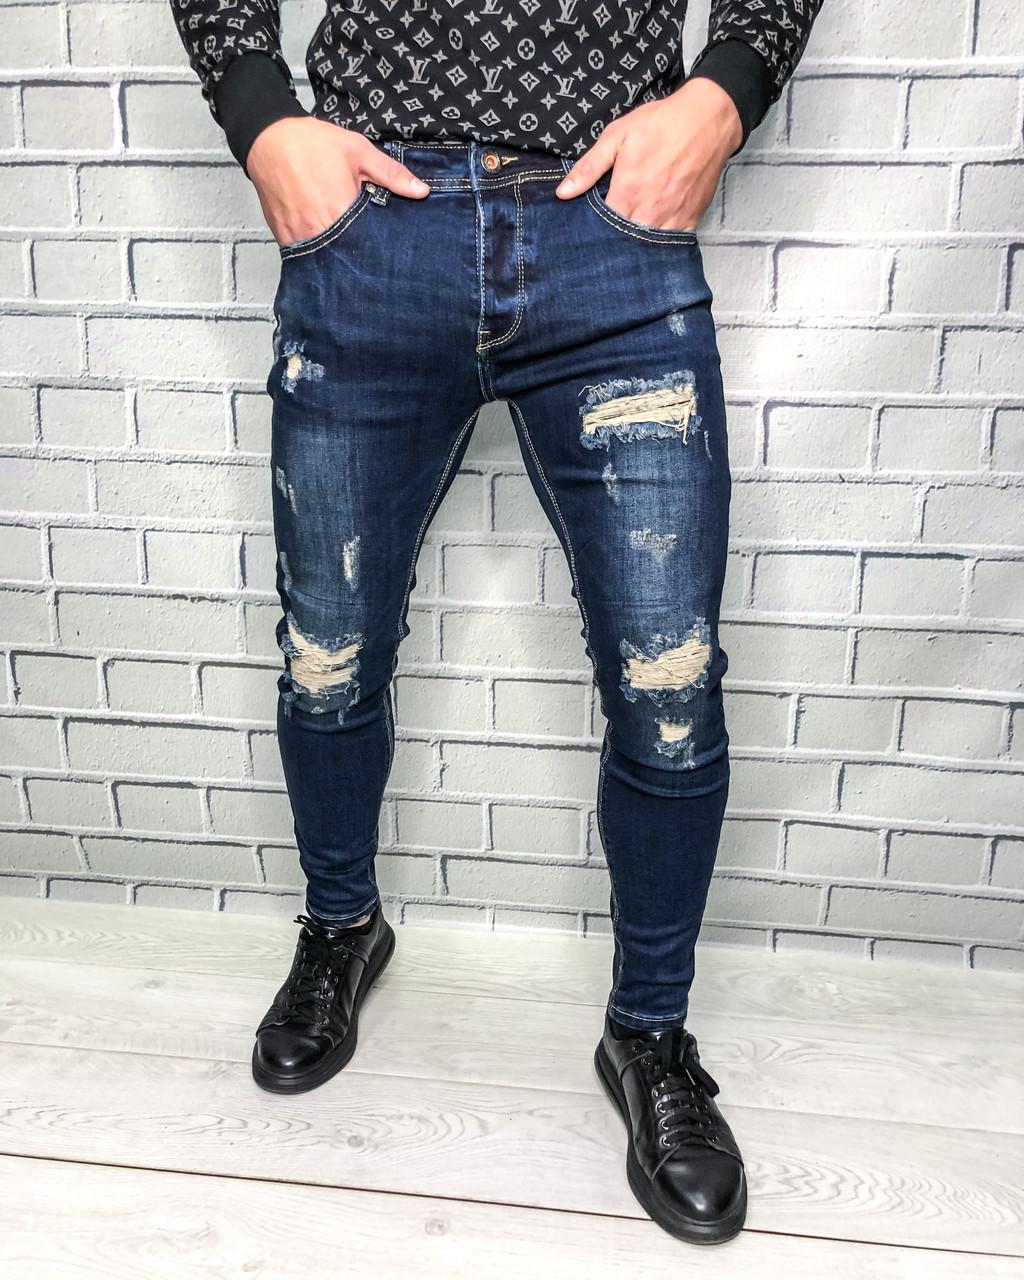 Джинси чоловічі Adam Стильні Молодіжні джинси з потертостями для чоловіків